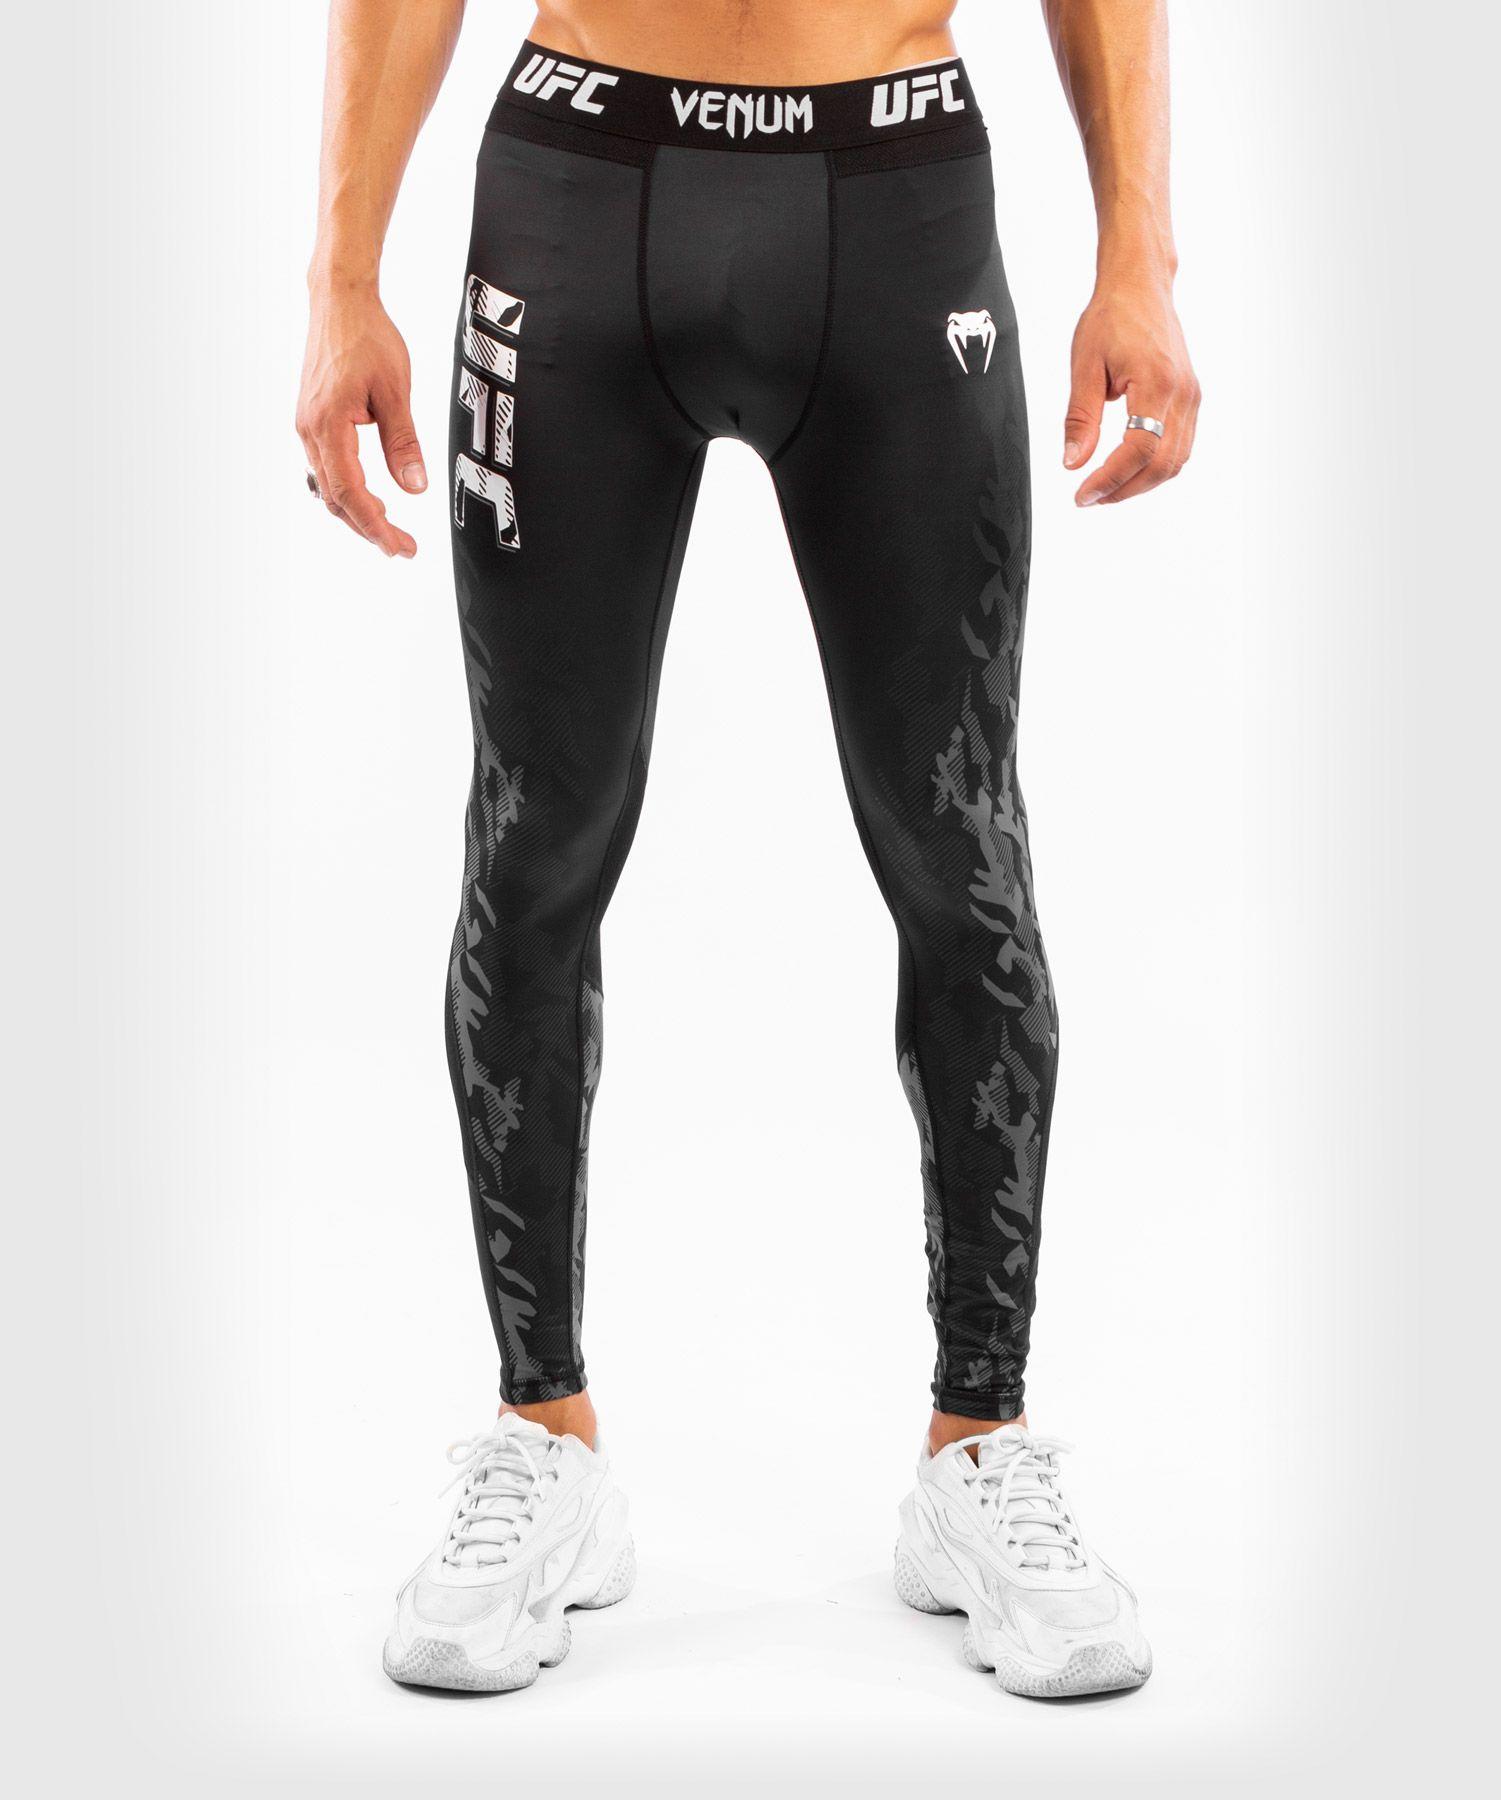 Мужские компрессионные штаны UFC Venum fight week performance - Black XS